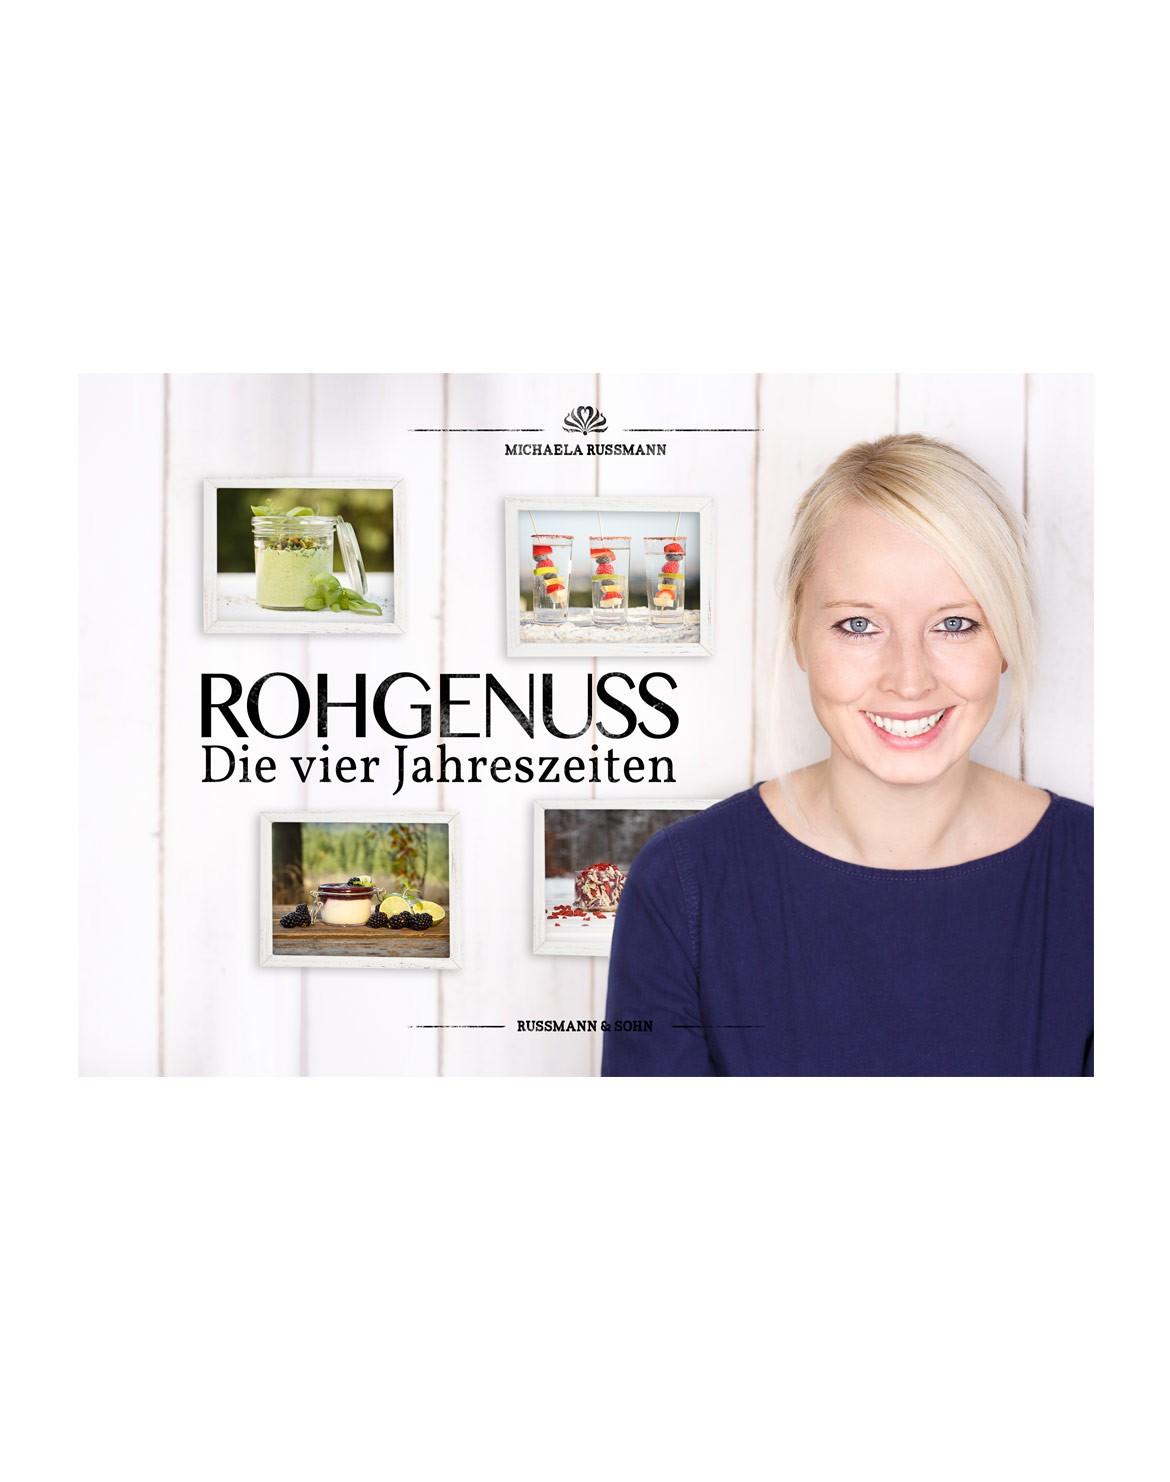 Rohgenuss - Die vier Jahreszeiten Buch